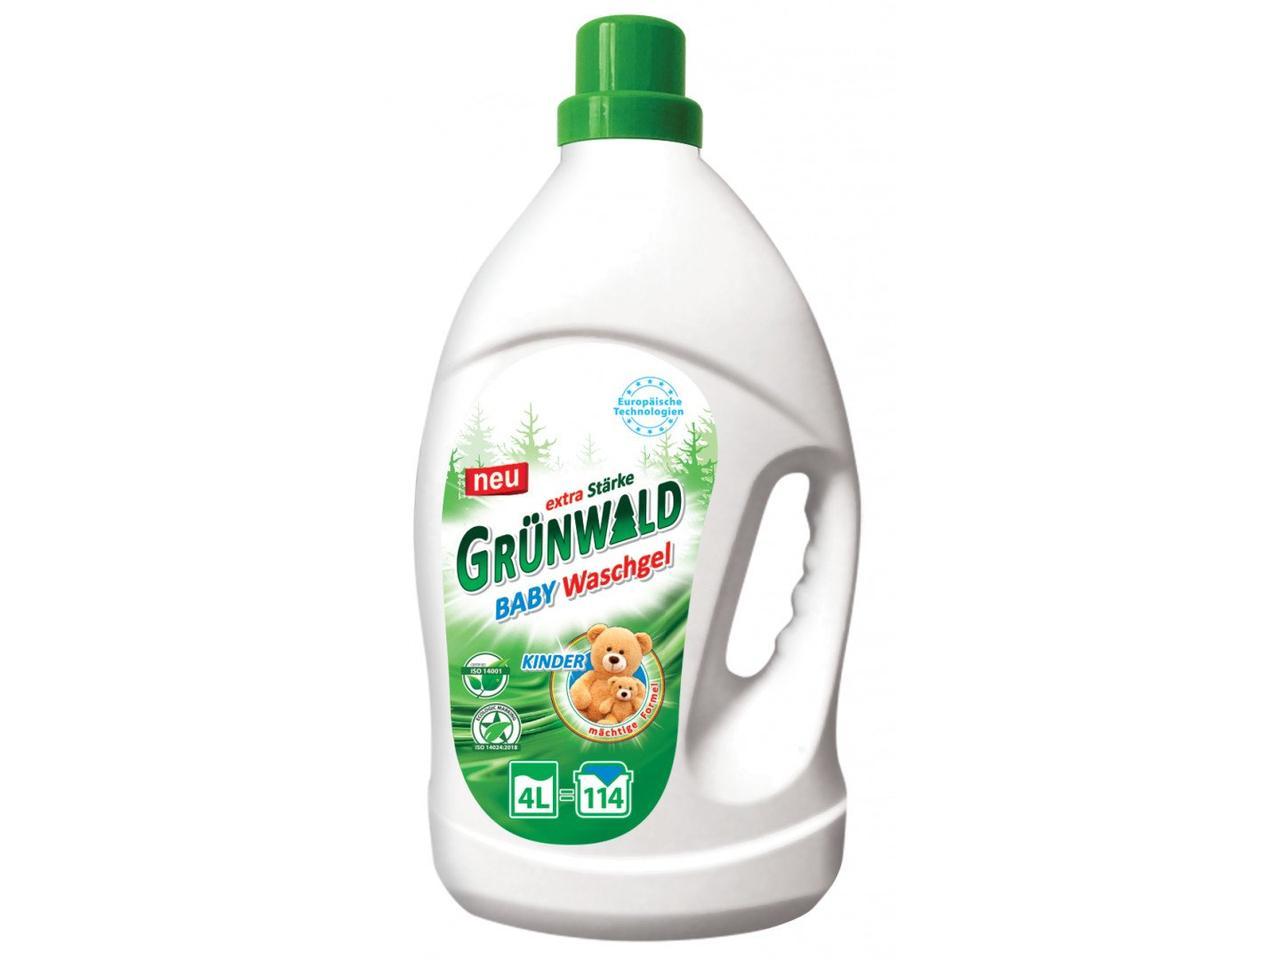 Гель для прання GRUNWALD для детской одежды 4 л 114 циклов